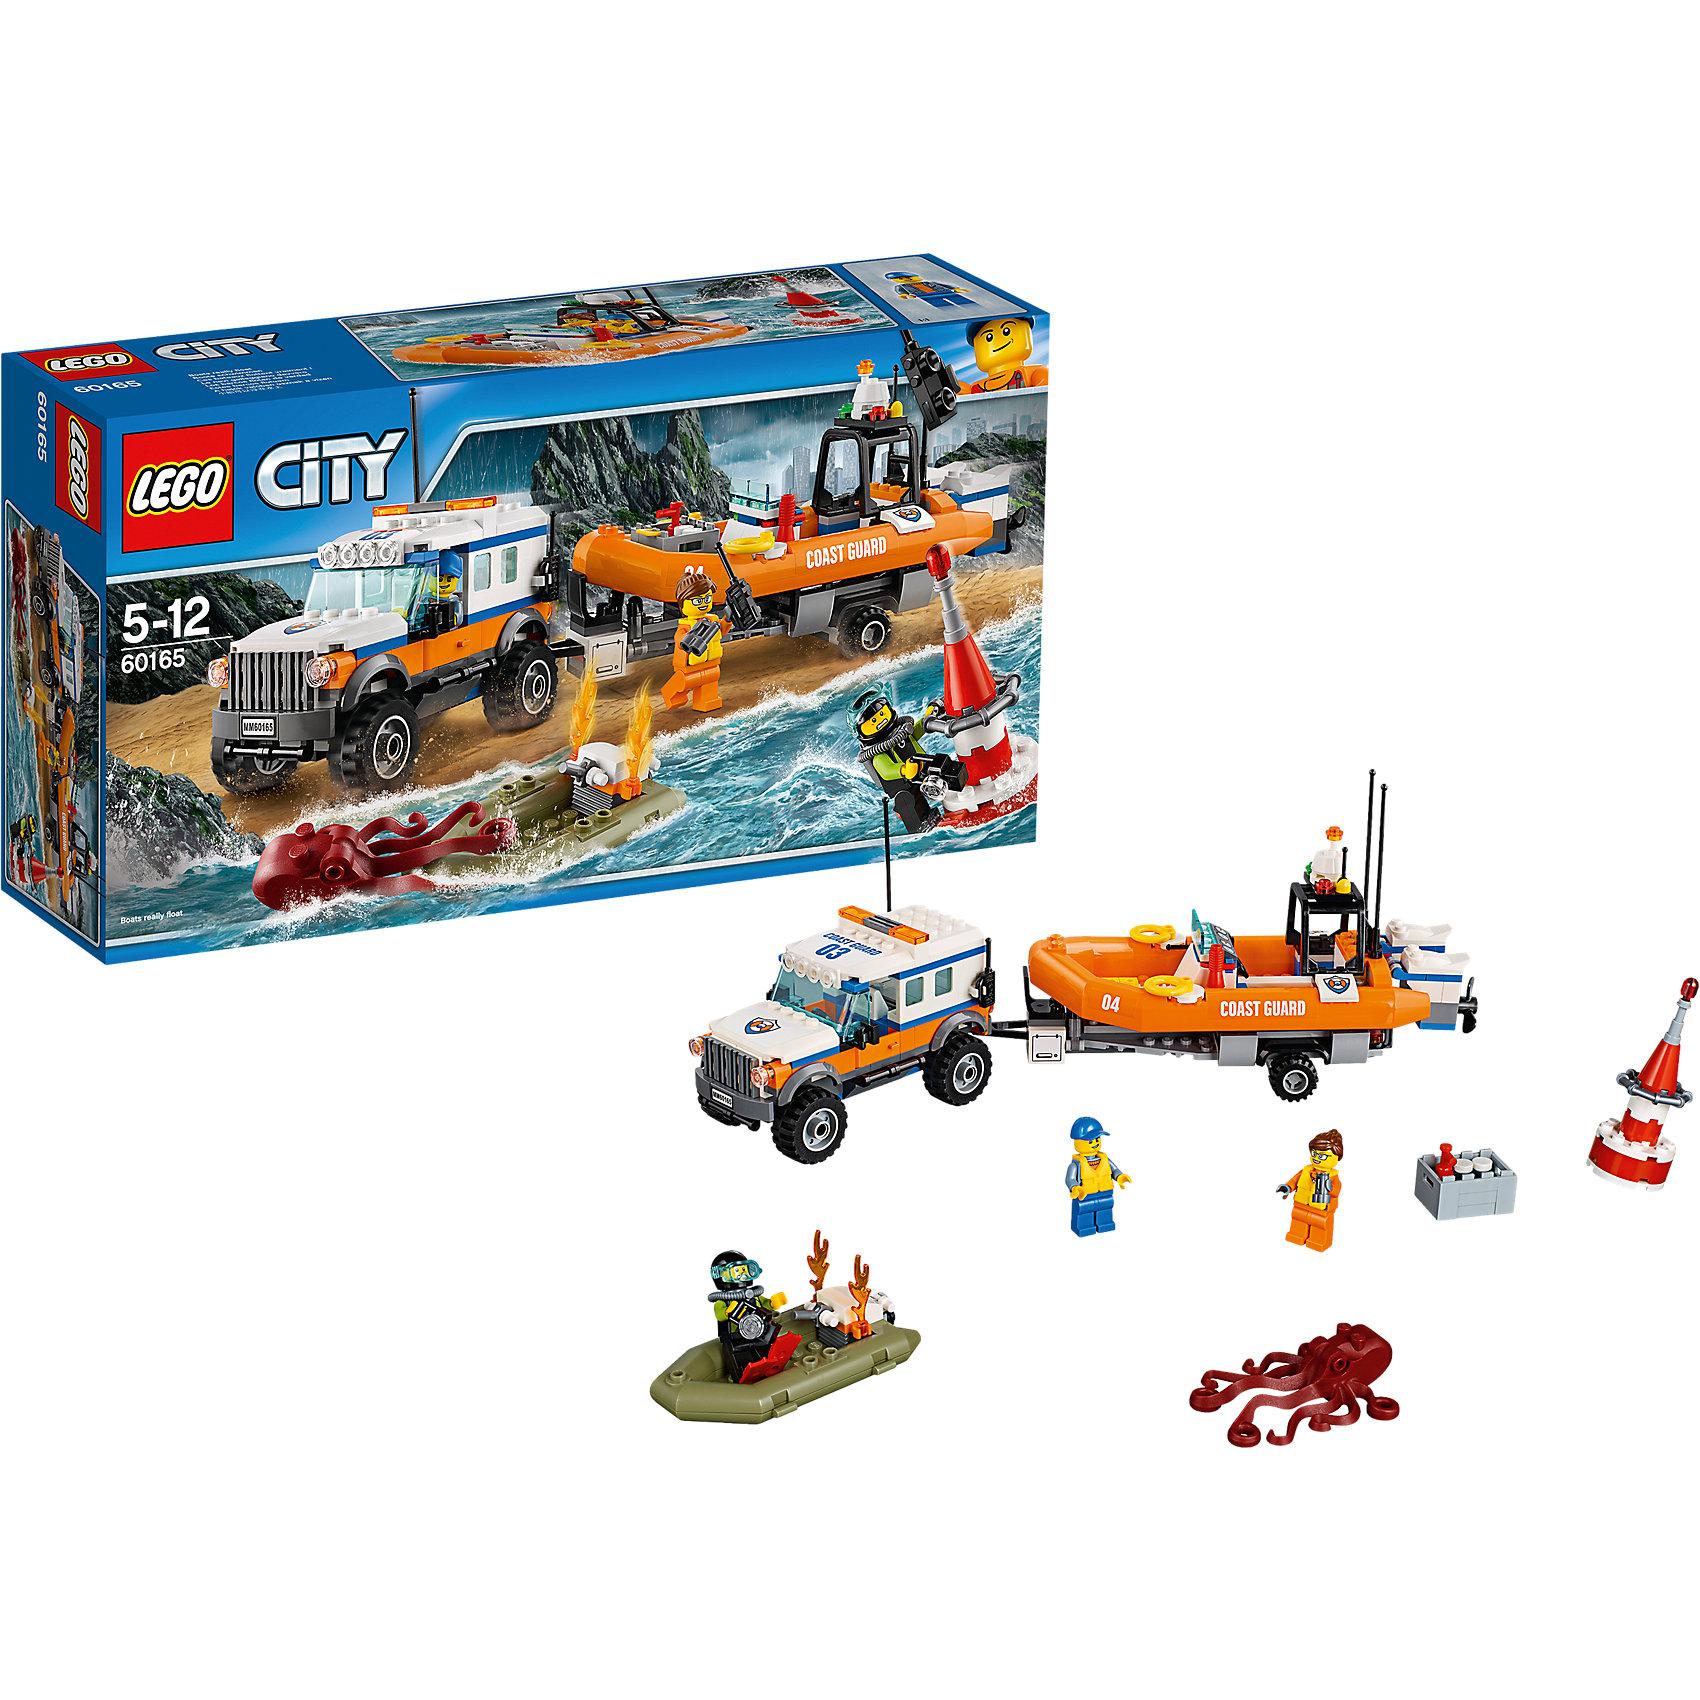 LEGO City 60165: Внедорожник 4х4 команды быстрого реагированияПластмассовые конструкторы<br><br><br>Ширина мм: 355<br>Глубина мм: 192<br>Высота мм: 96<br>Вес г: 621<br>Возраст от месяцев: 60<br>Возраст до месяцев: 144<br>Пол: Мужской<br>Возраст: Детский<br>SKU: 5620021